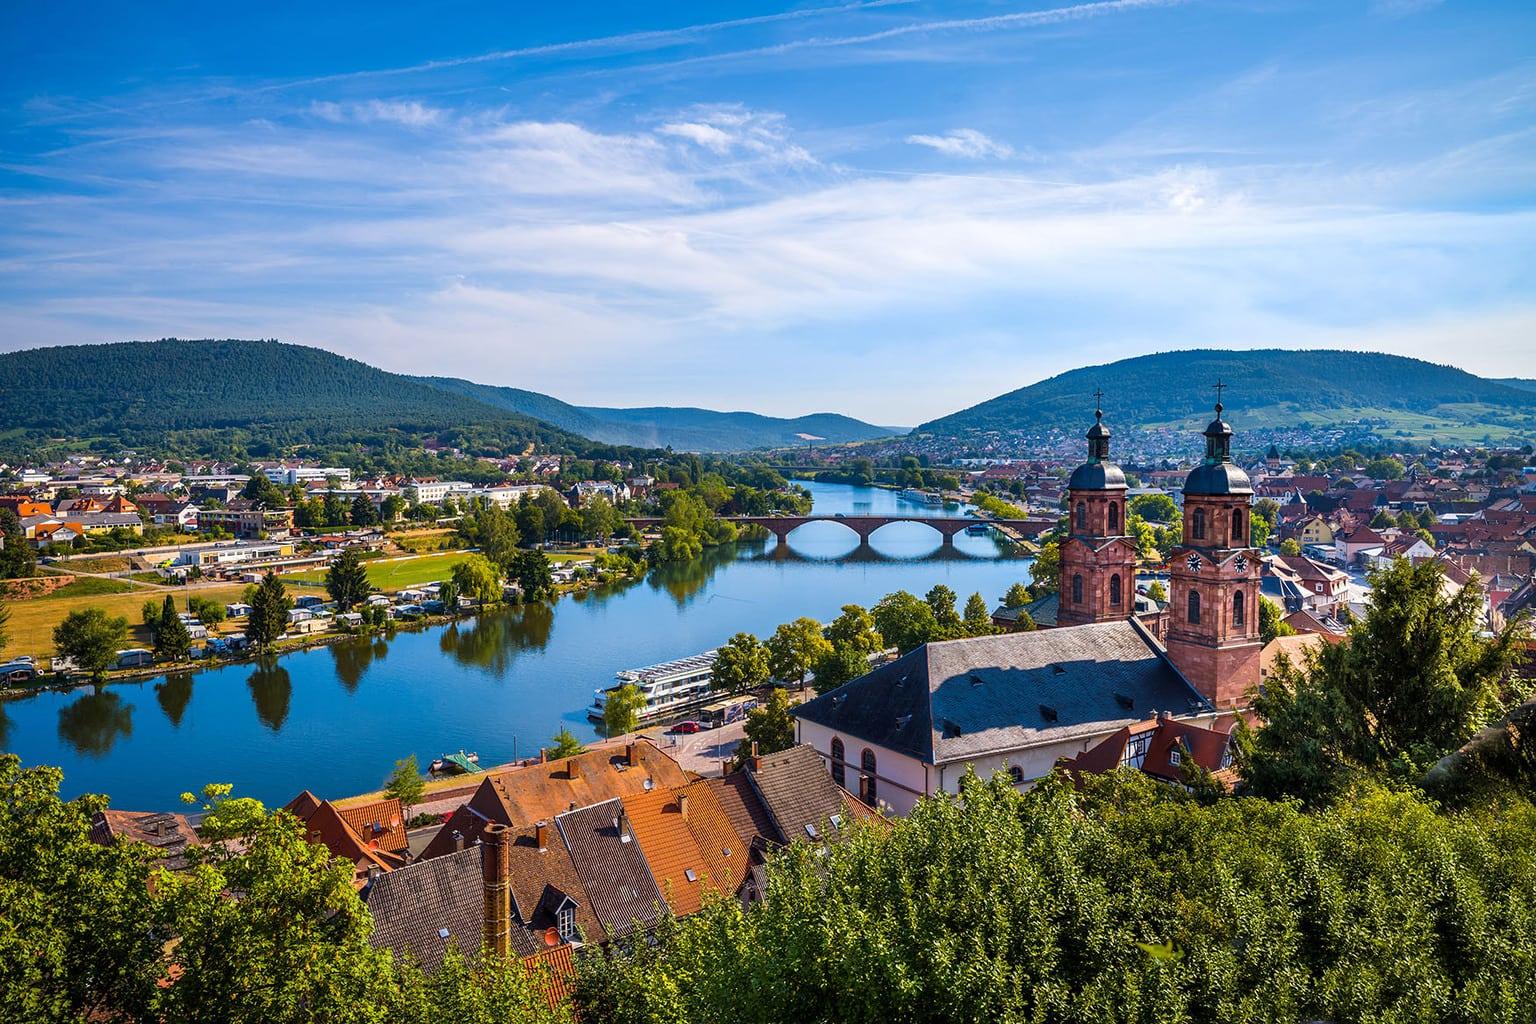 Panorama van de stad Miltenberg